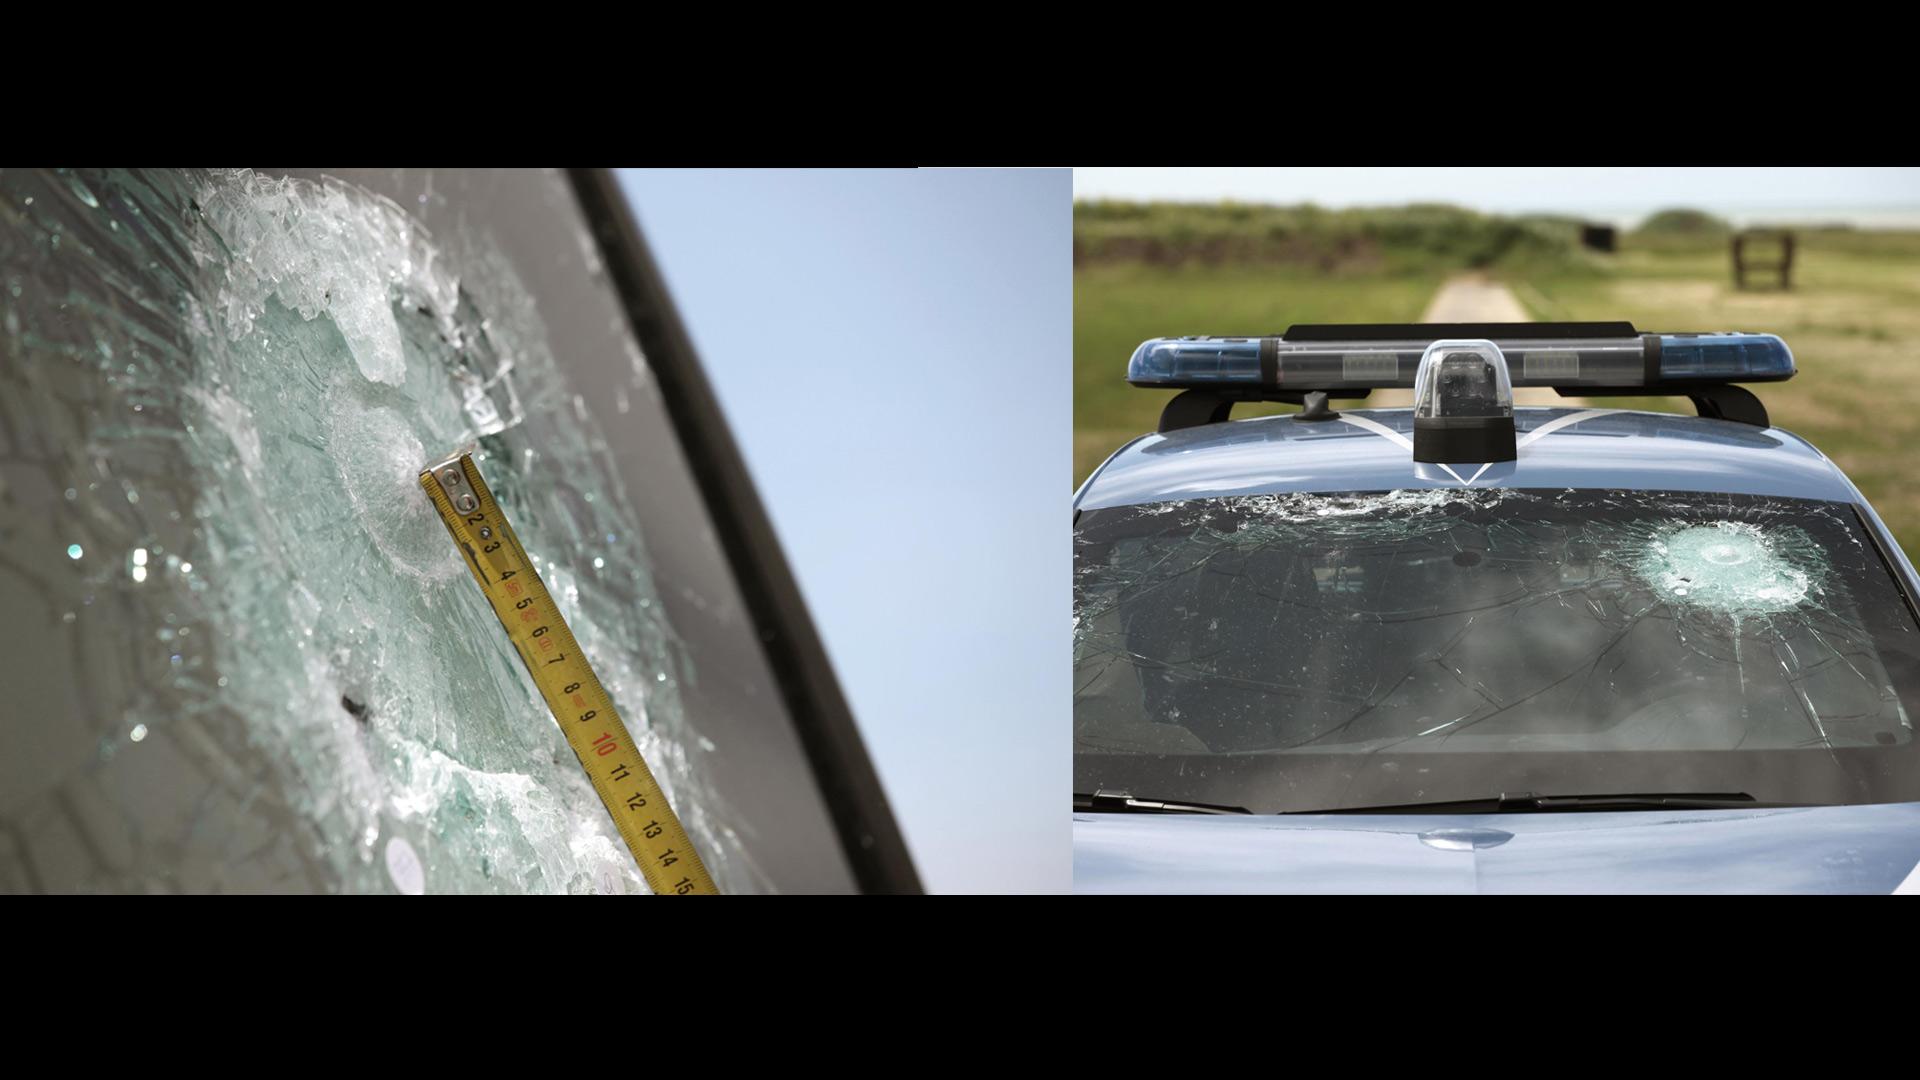 Para comprobar la seguridad de los pasajeros, los vehículos policiales deben pasar por arduos exámenes